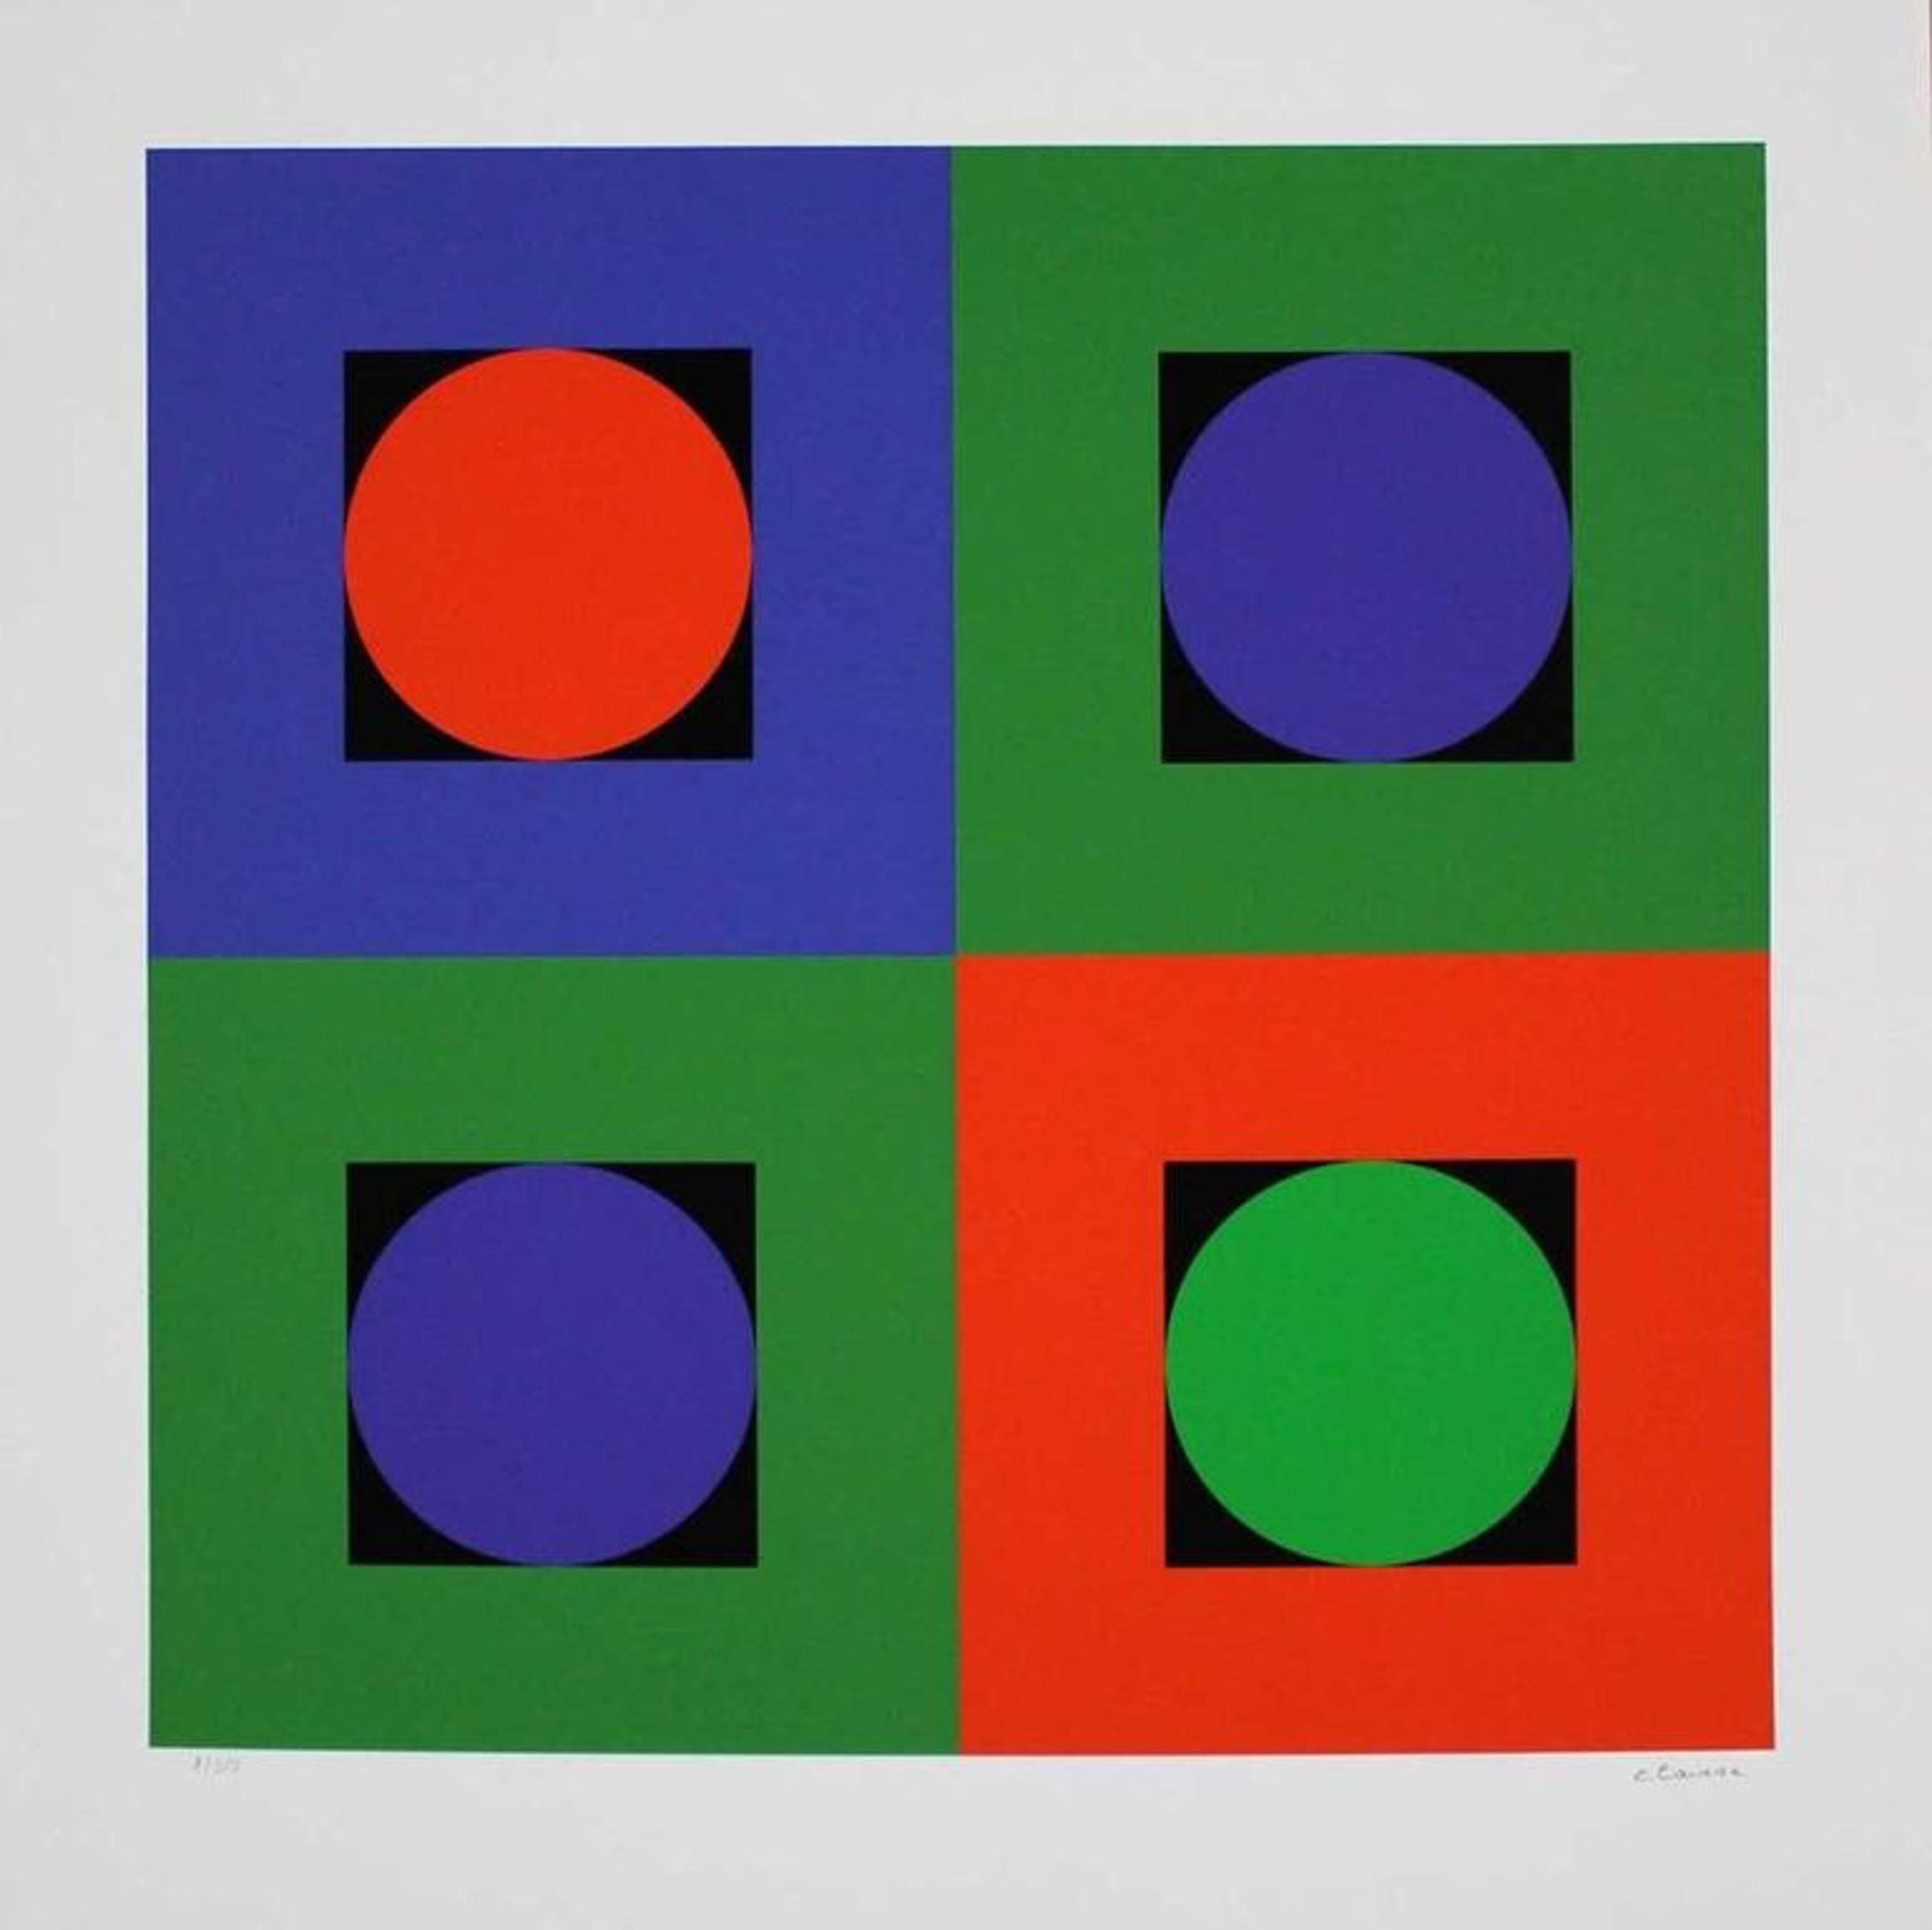 Geneviève Claisse, Composition géométrique rouge/bleu/vert kopen? Bied vanaf 225!